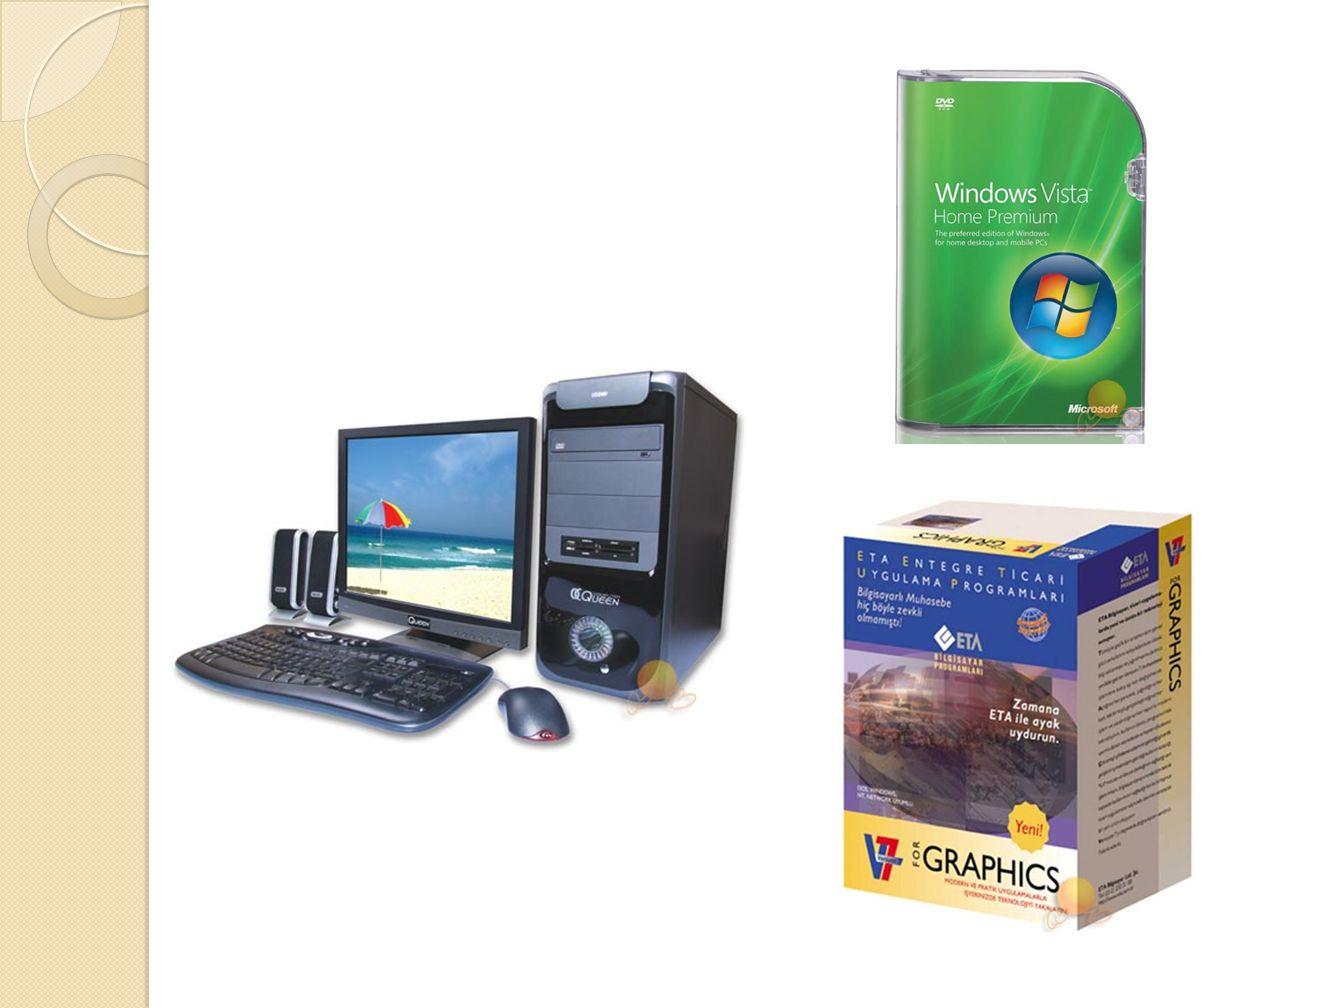 Genişleme kartı ve yuvası Genişleme kartı bilgisayarınıza yeni özellikleri kazandırmak için geliştirilmiş elektronik kartlardır.